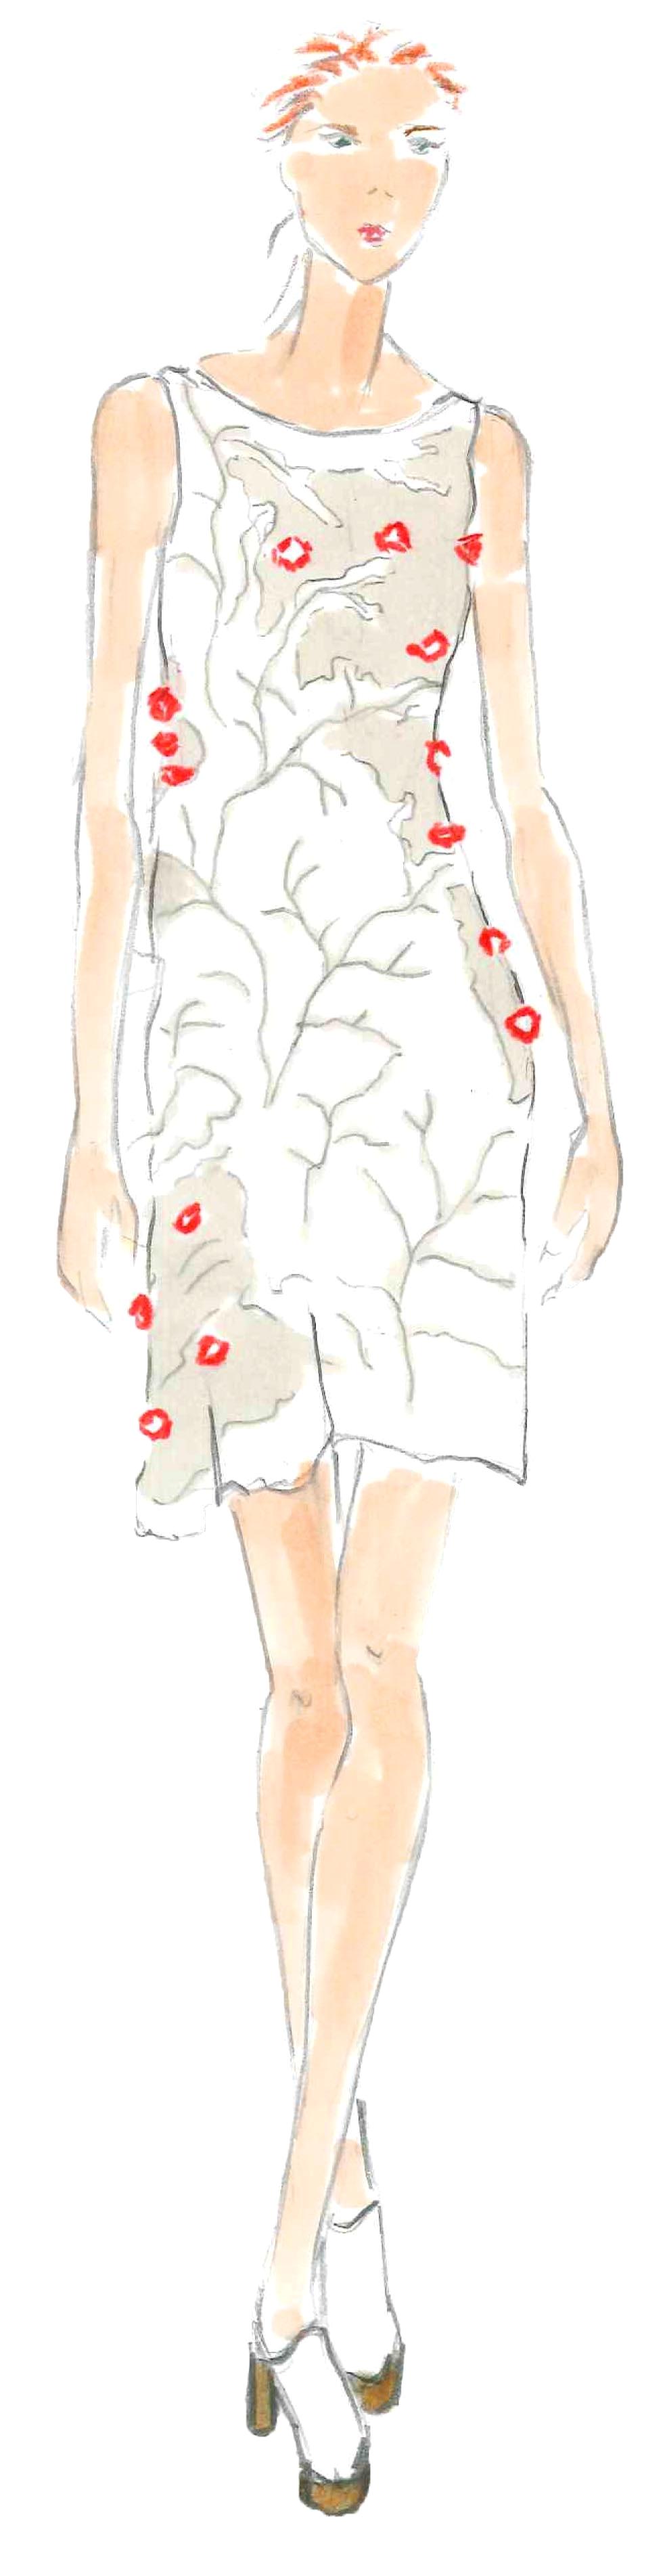 cherry_blossom_Dress_sketch.jpg